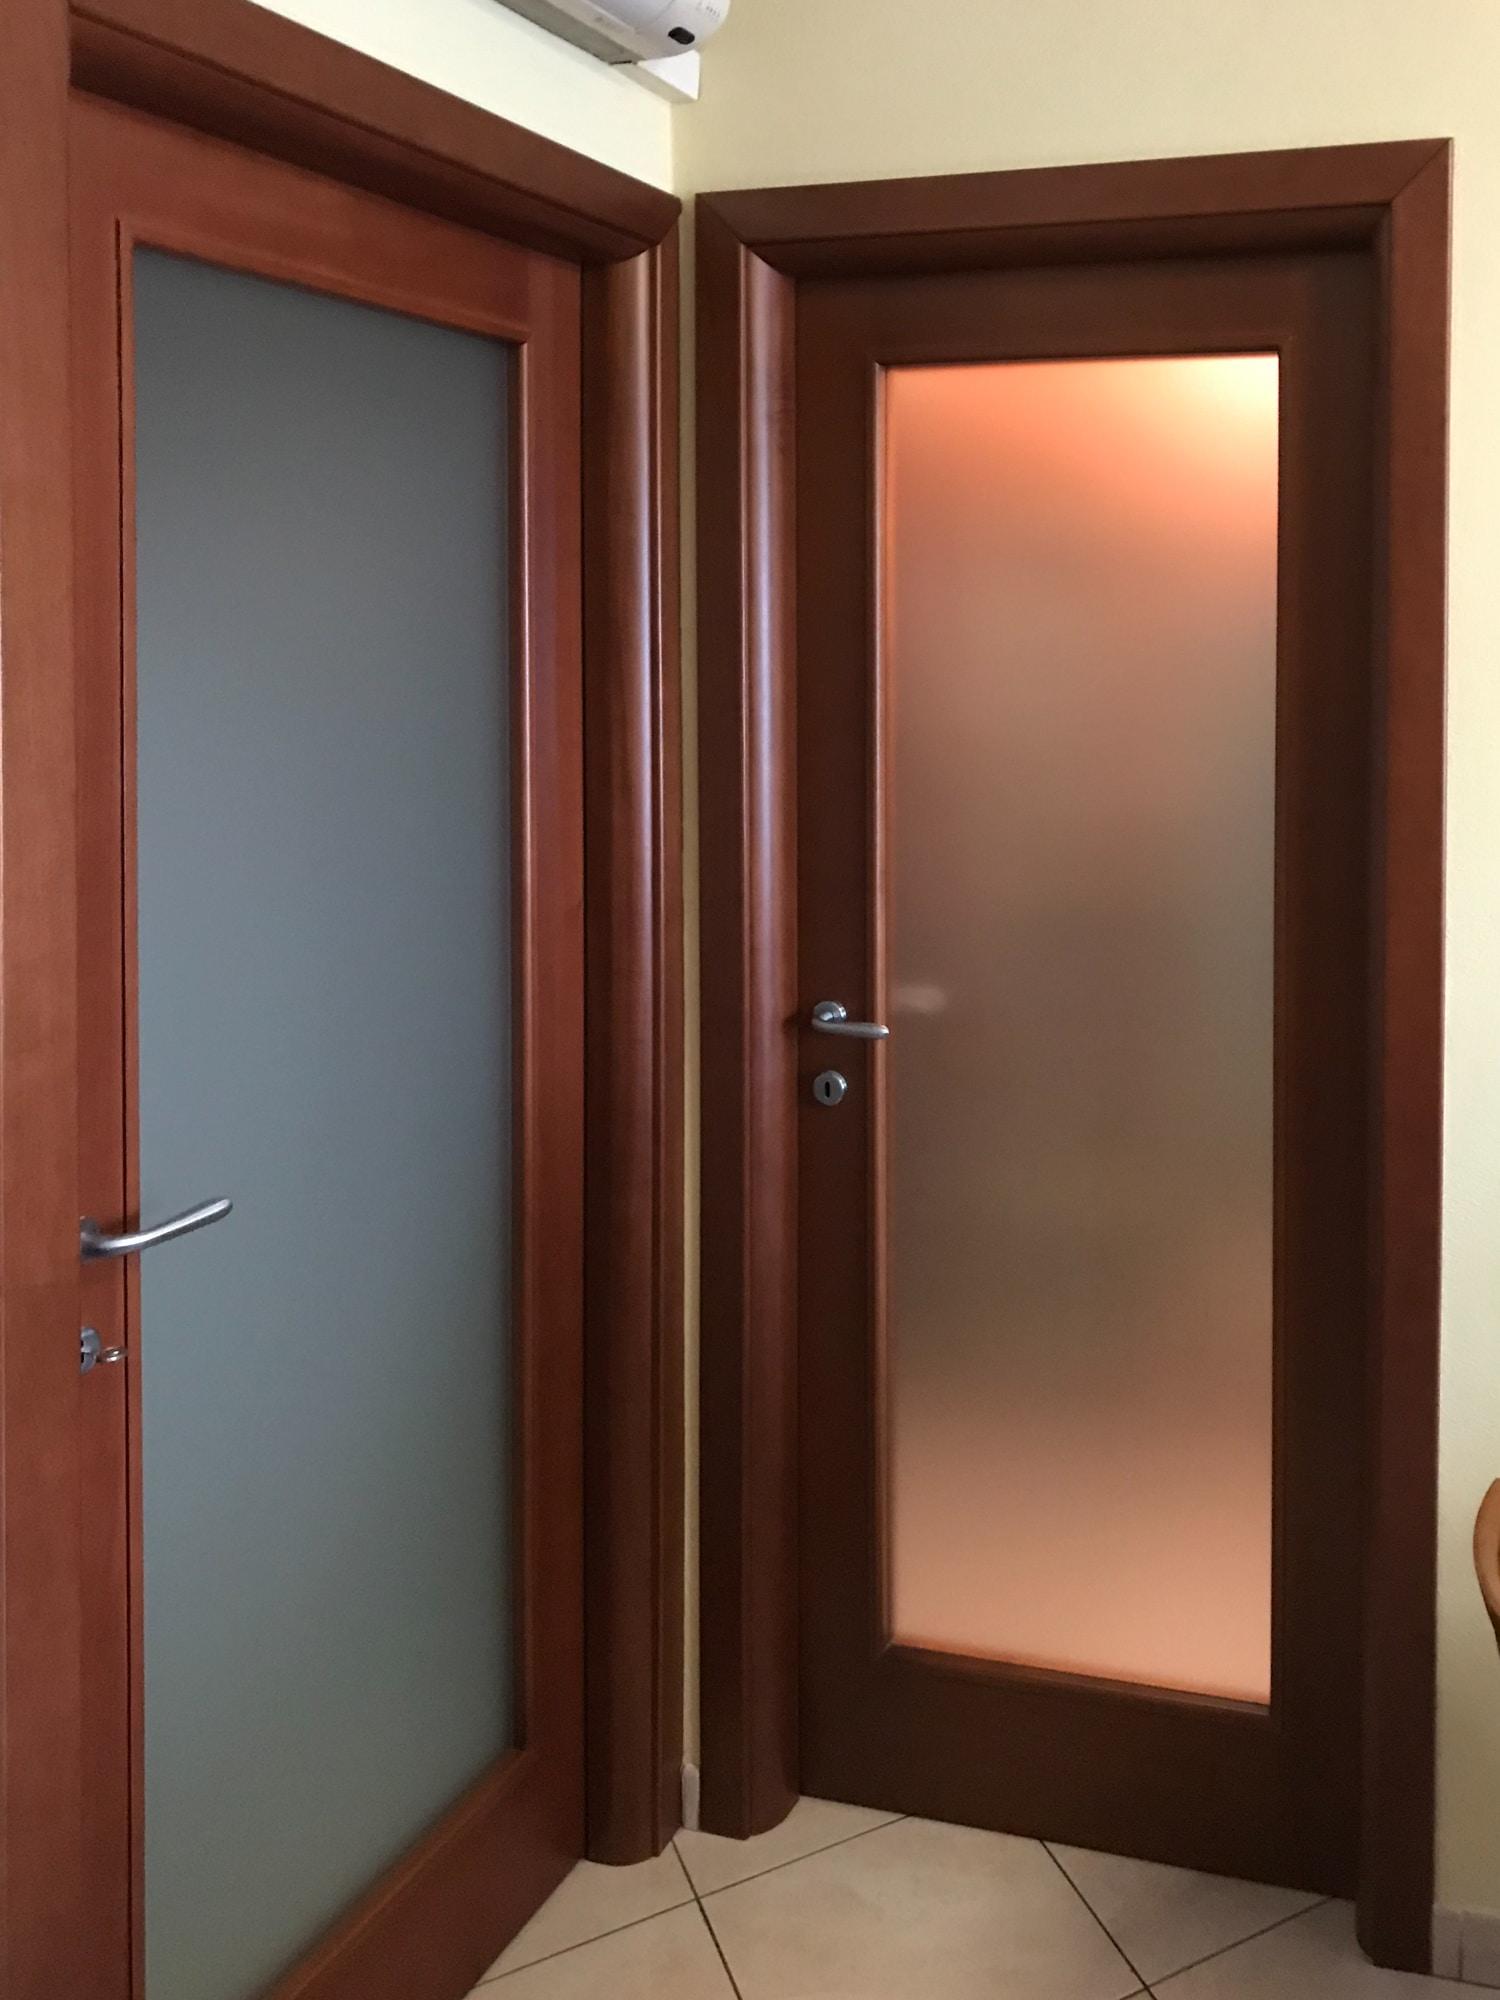 Porta a battente in legno massello verniciato con vetro satinato